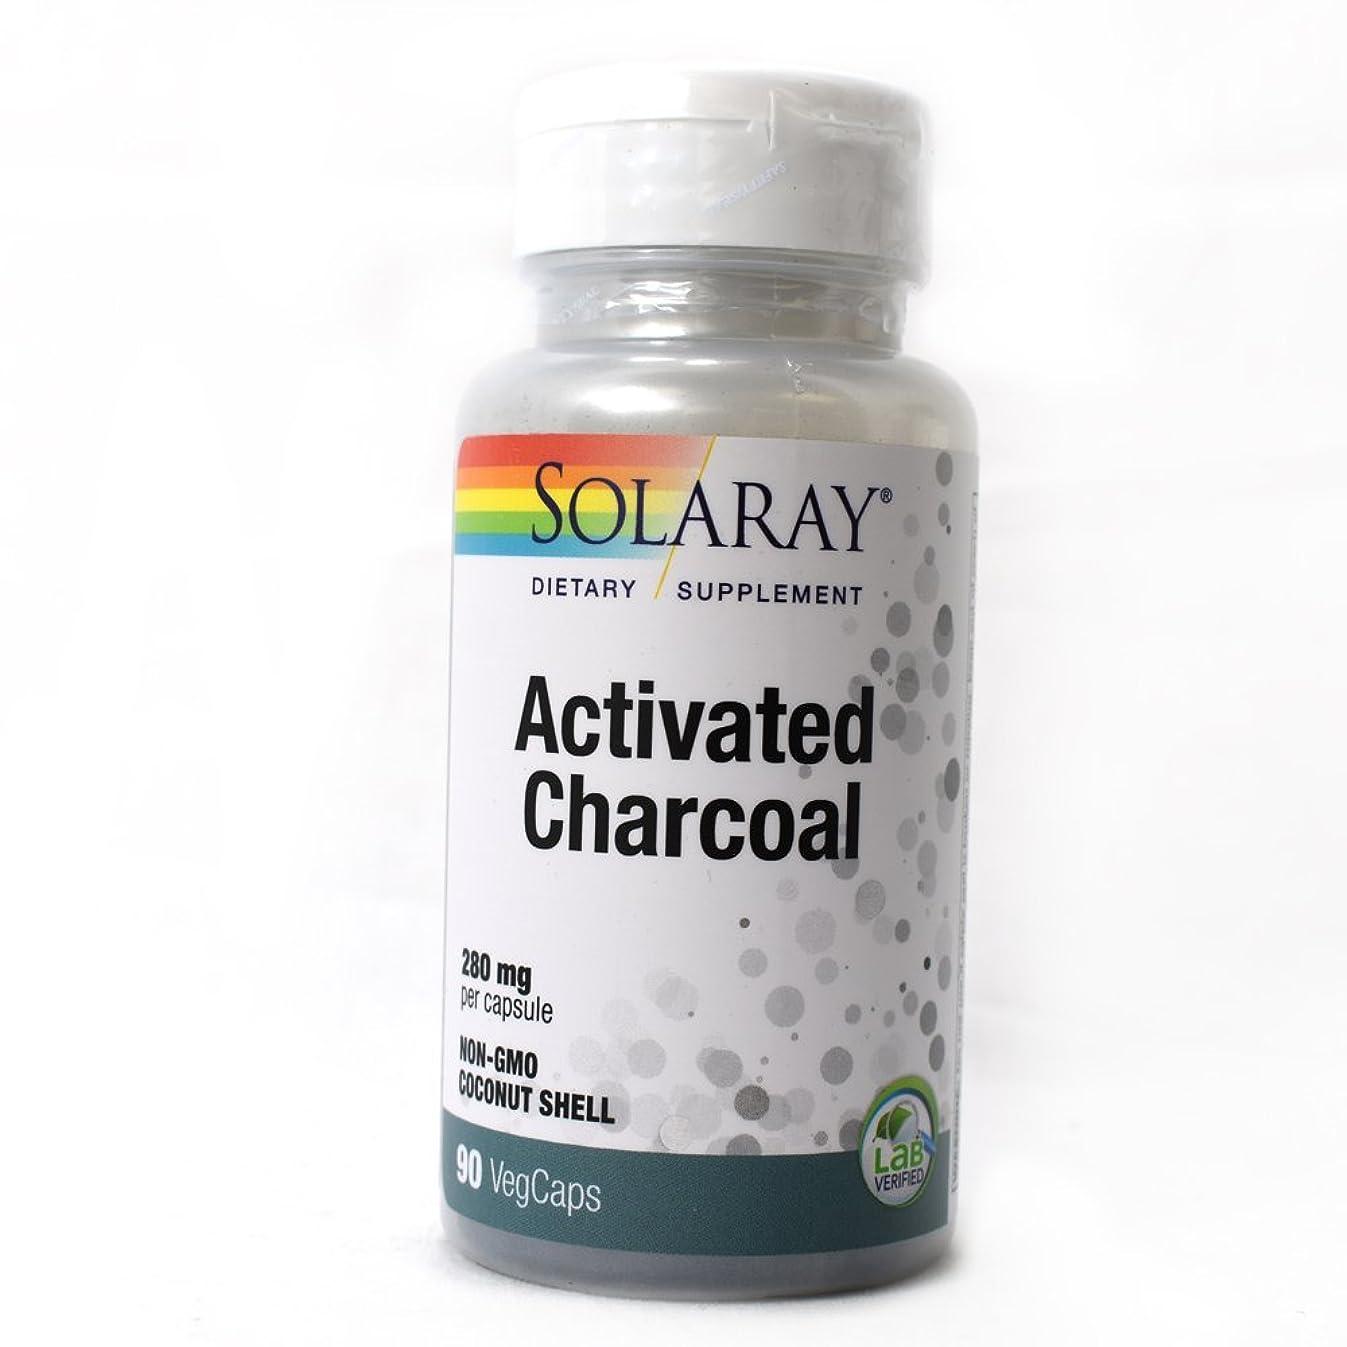 排出料理をする押し下げるSolaray - 活動化させた木炭 280 mg。90カプセル